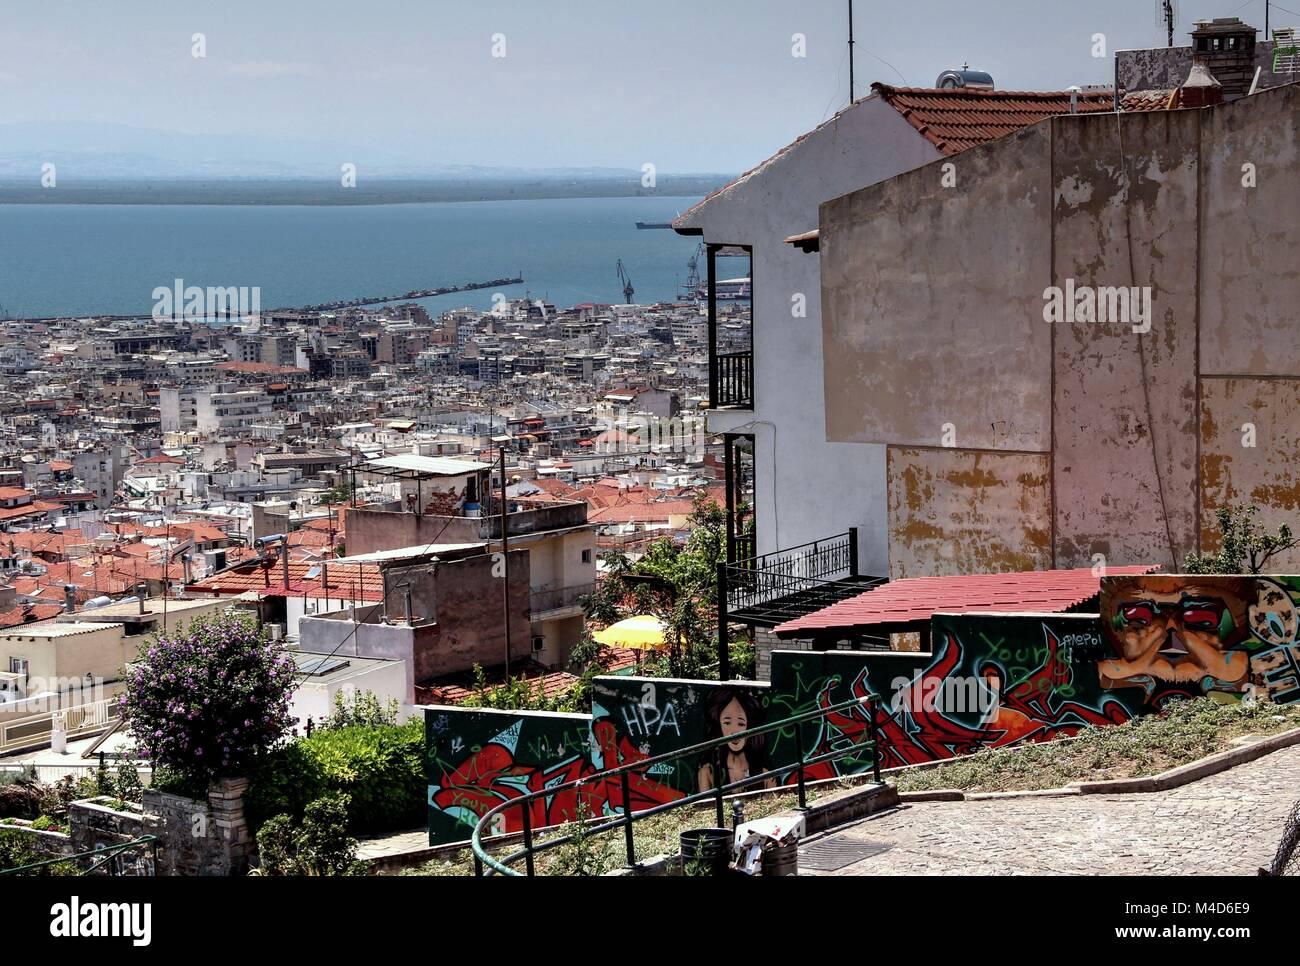 Ritratto greco della vita quotidiana a Salonicco Immagini Stock